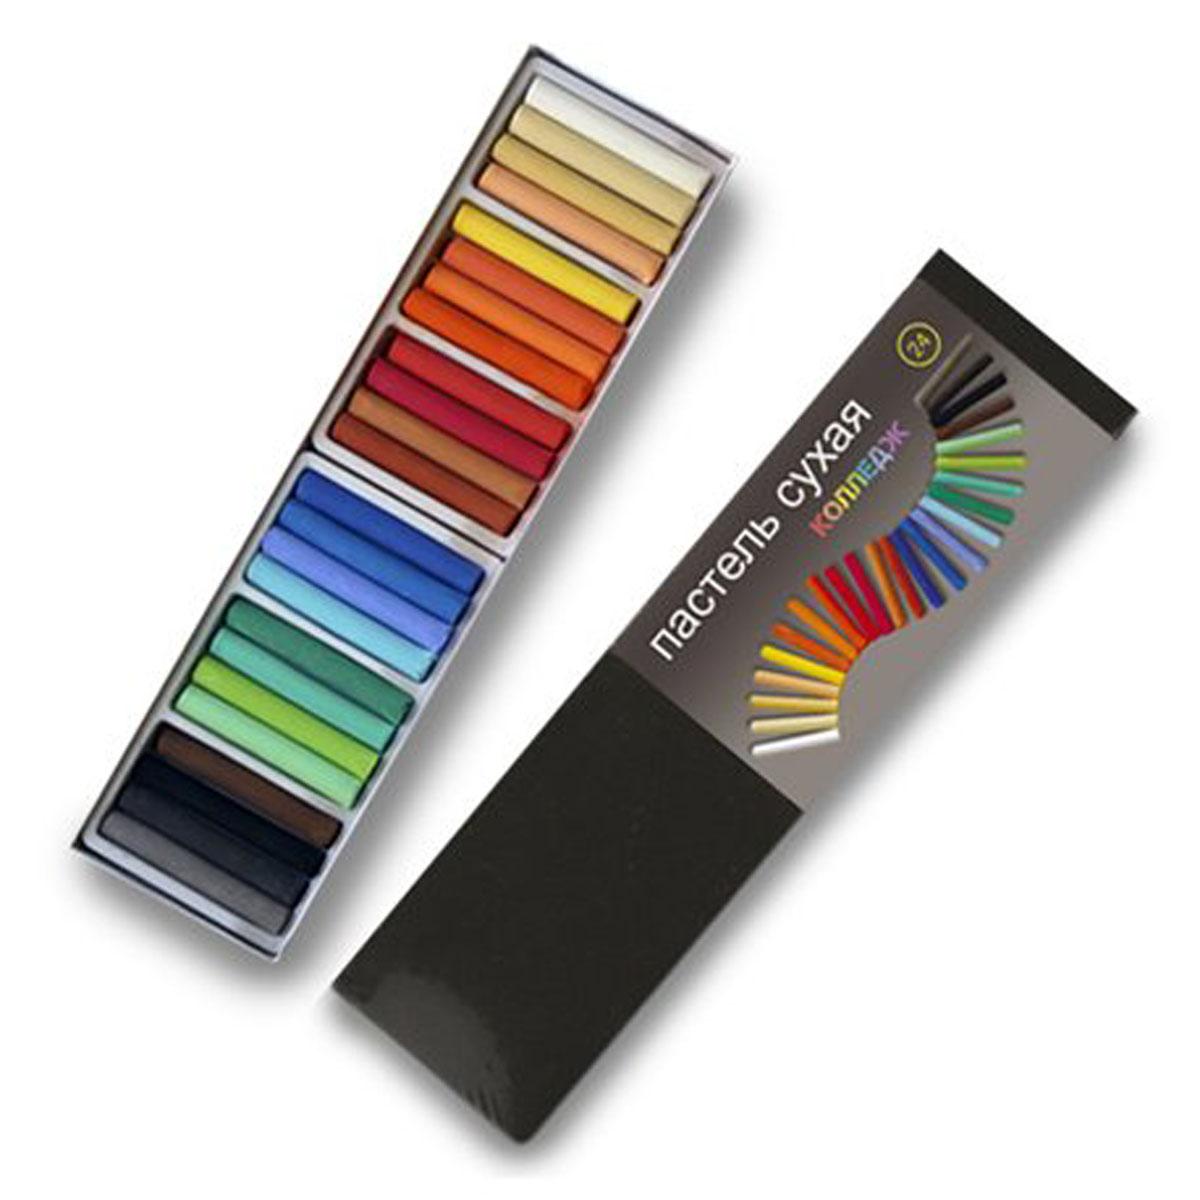 Пастель Черная речка, сухая, 24 цветаК-1181-024Высококачественная сухая пастель Черная речка предназначена для школьников, студентов.Идеально подходит для живописных и графических работ (предпочтительно использование на шероховатых, фактурных поверхностях), может использоваться в смешанных техниках, в декупаже, на модельных массах.Рисунок пастелью не выгорает, не темнеет, не тускнеет, не трескается со временем, но требует защиты от прикосновений - с помощью лака-фиксатива и стекла. В комплекте 24 цвета.